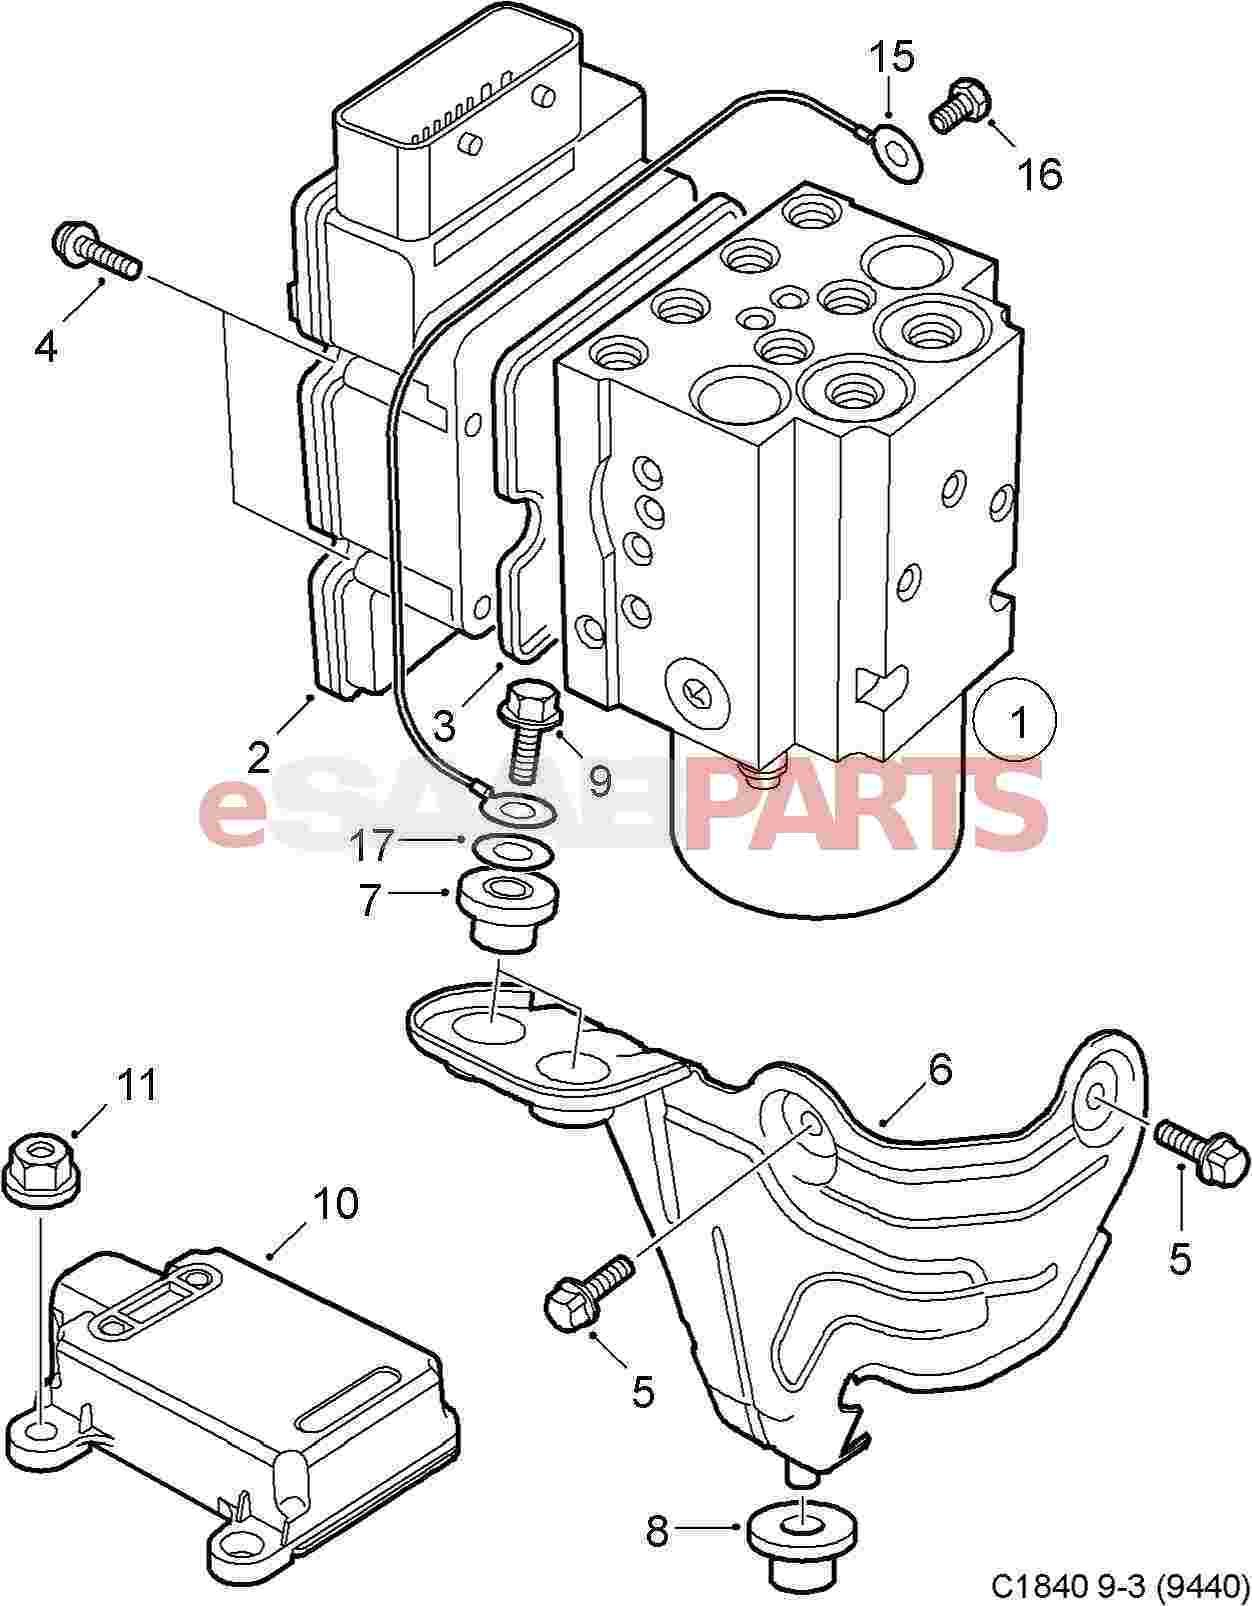 esaabparts com saab 9 3 (9440) \u003e brakes parts \u003e hydraulic braking